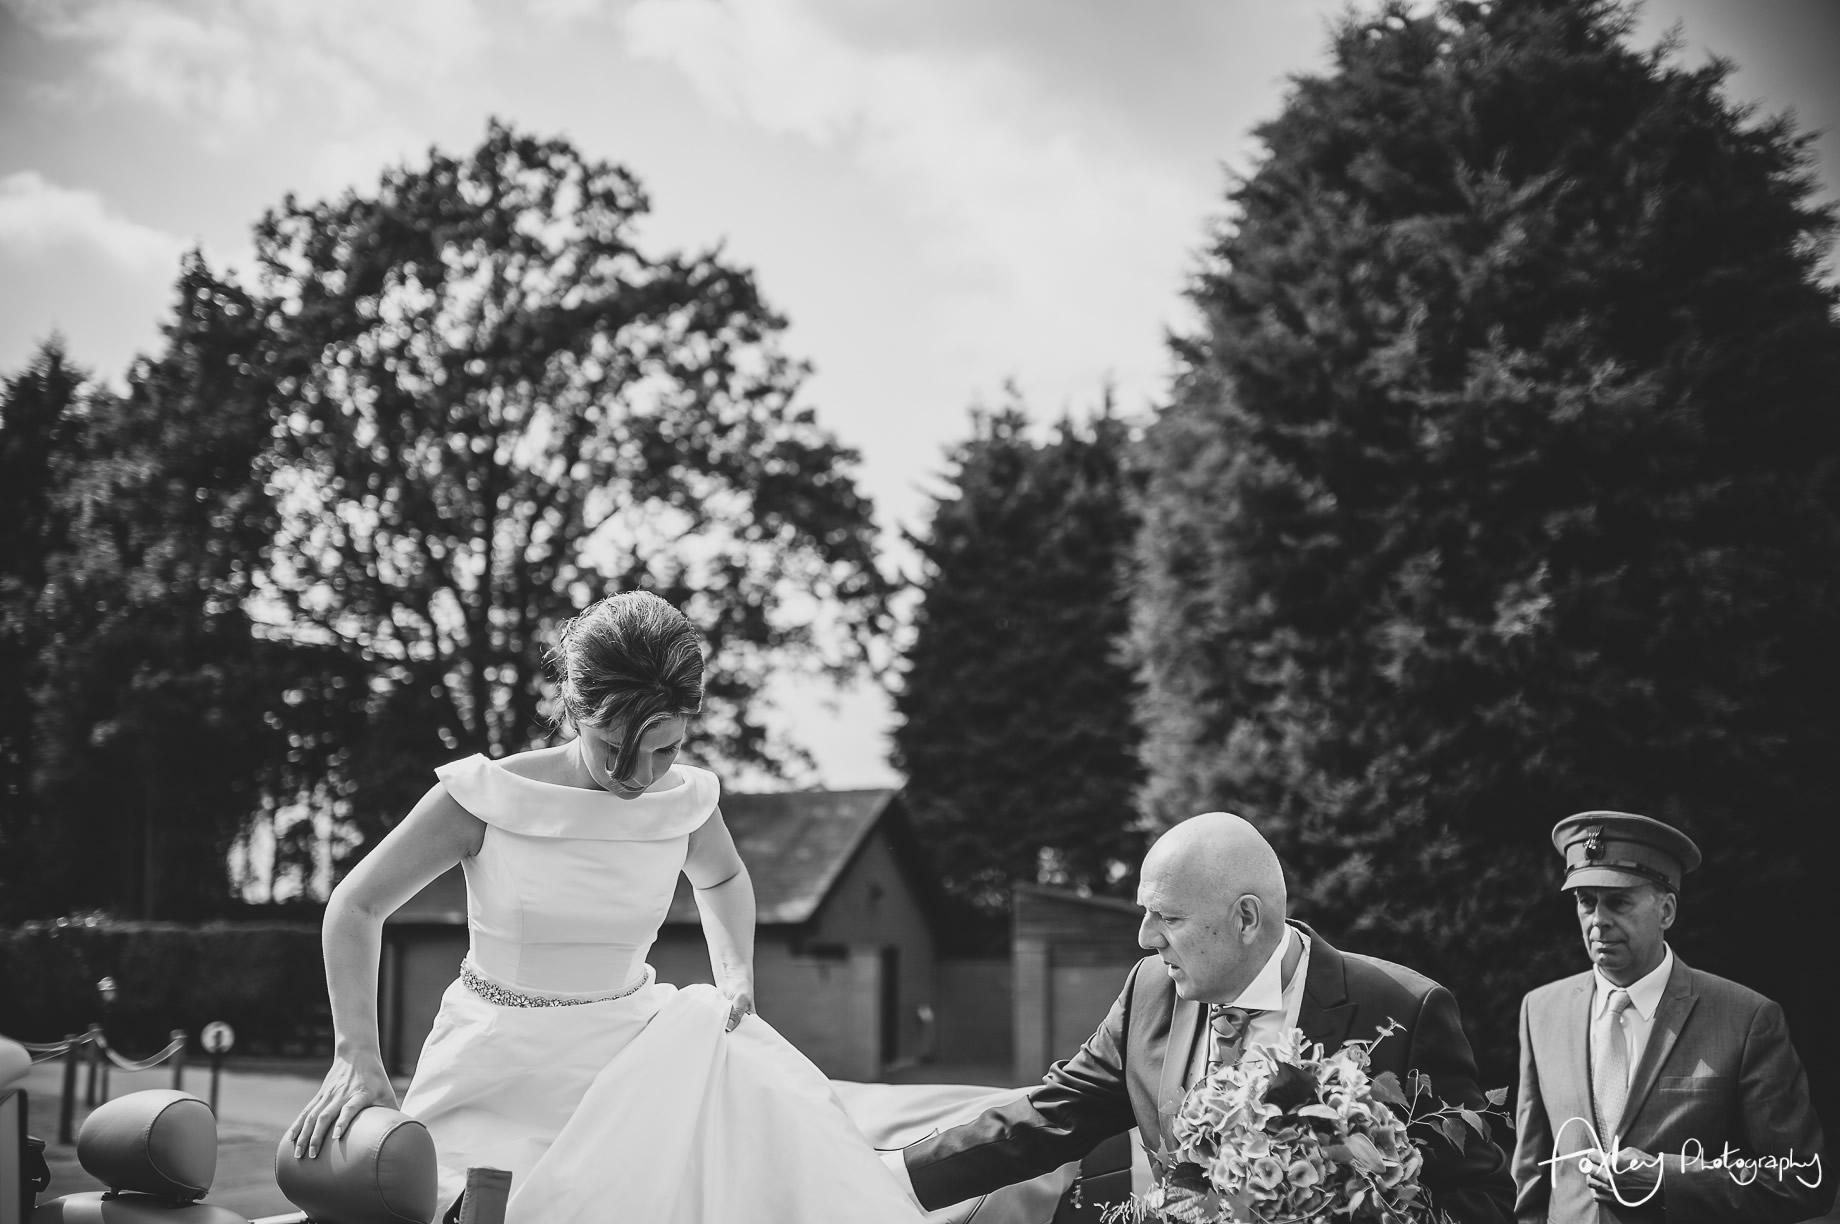 Simona-and-Robert-Wedding-at-Colshaw-Hall-097